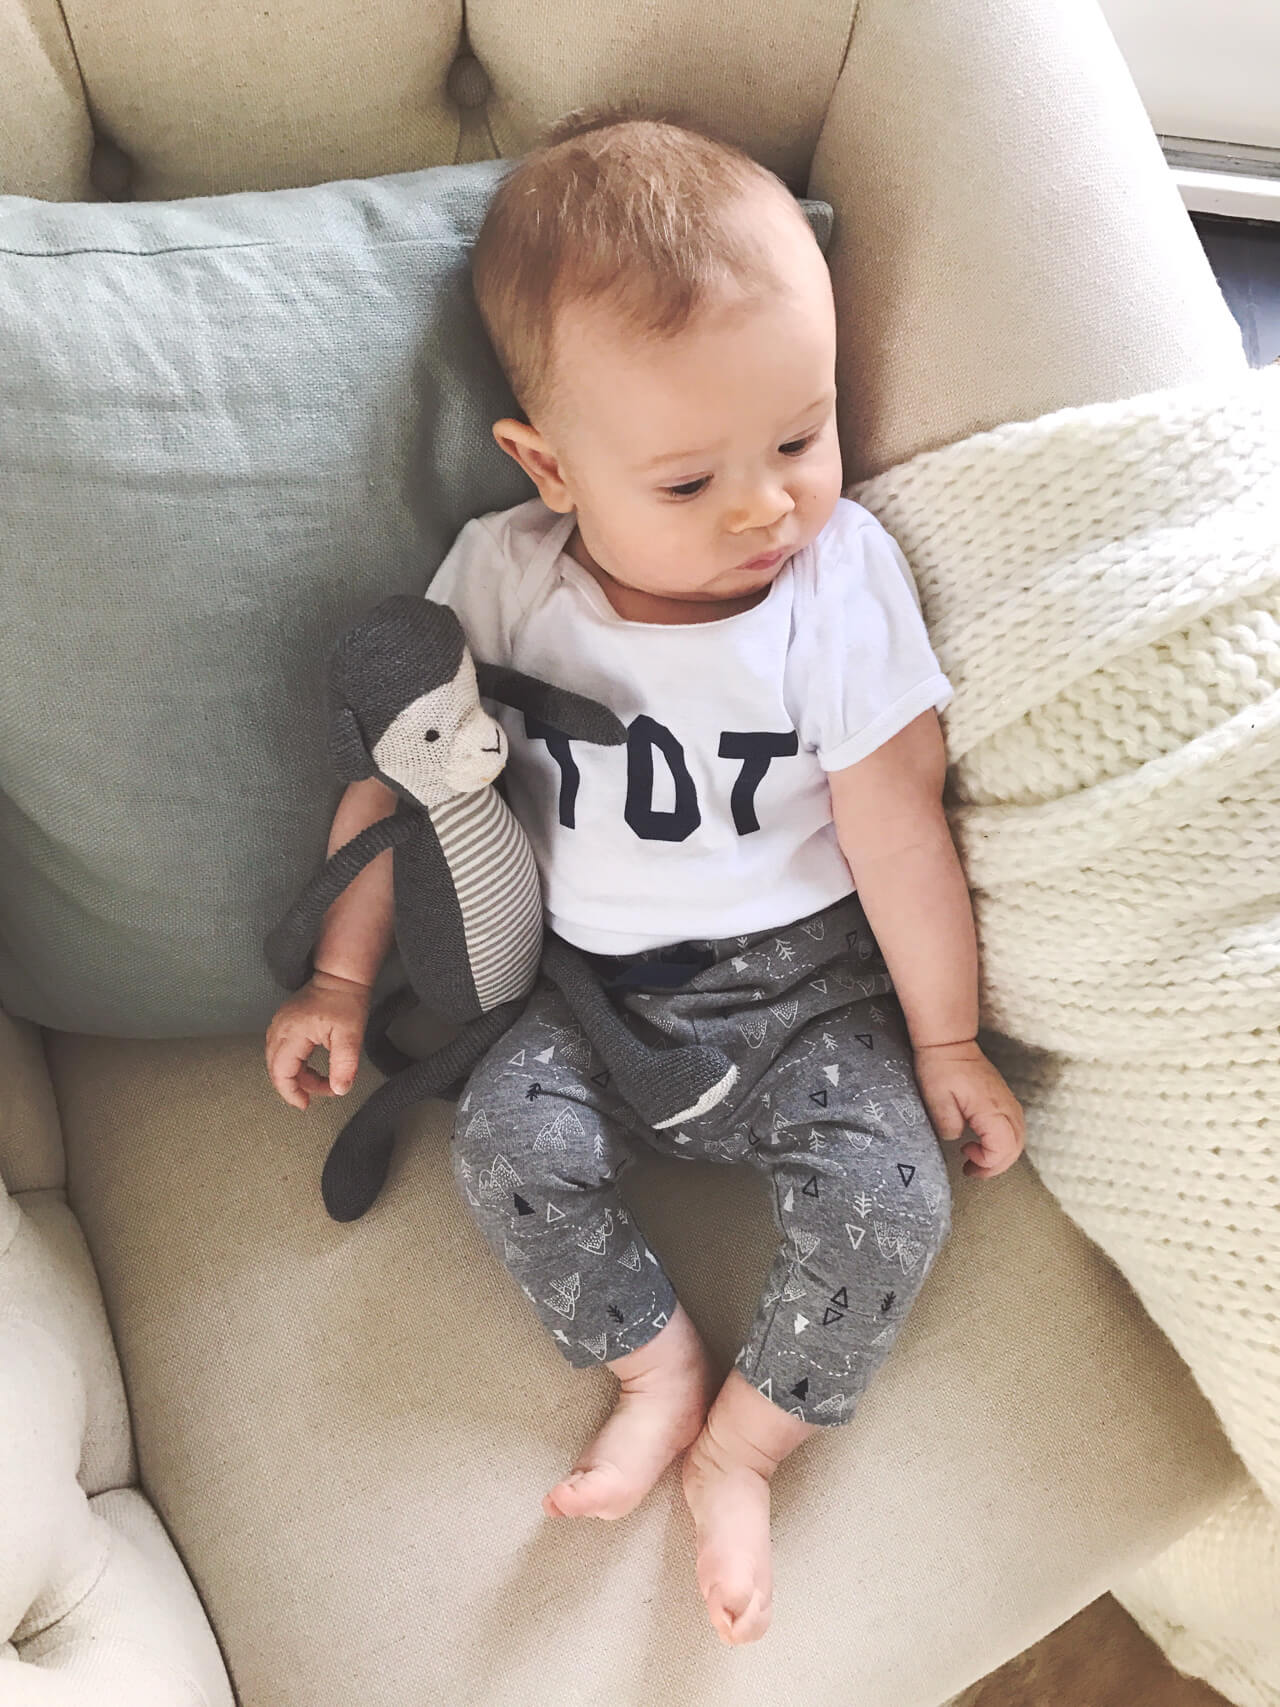 cute little tot